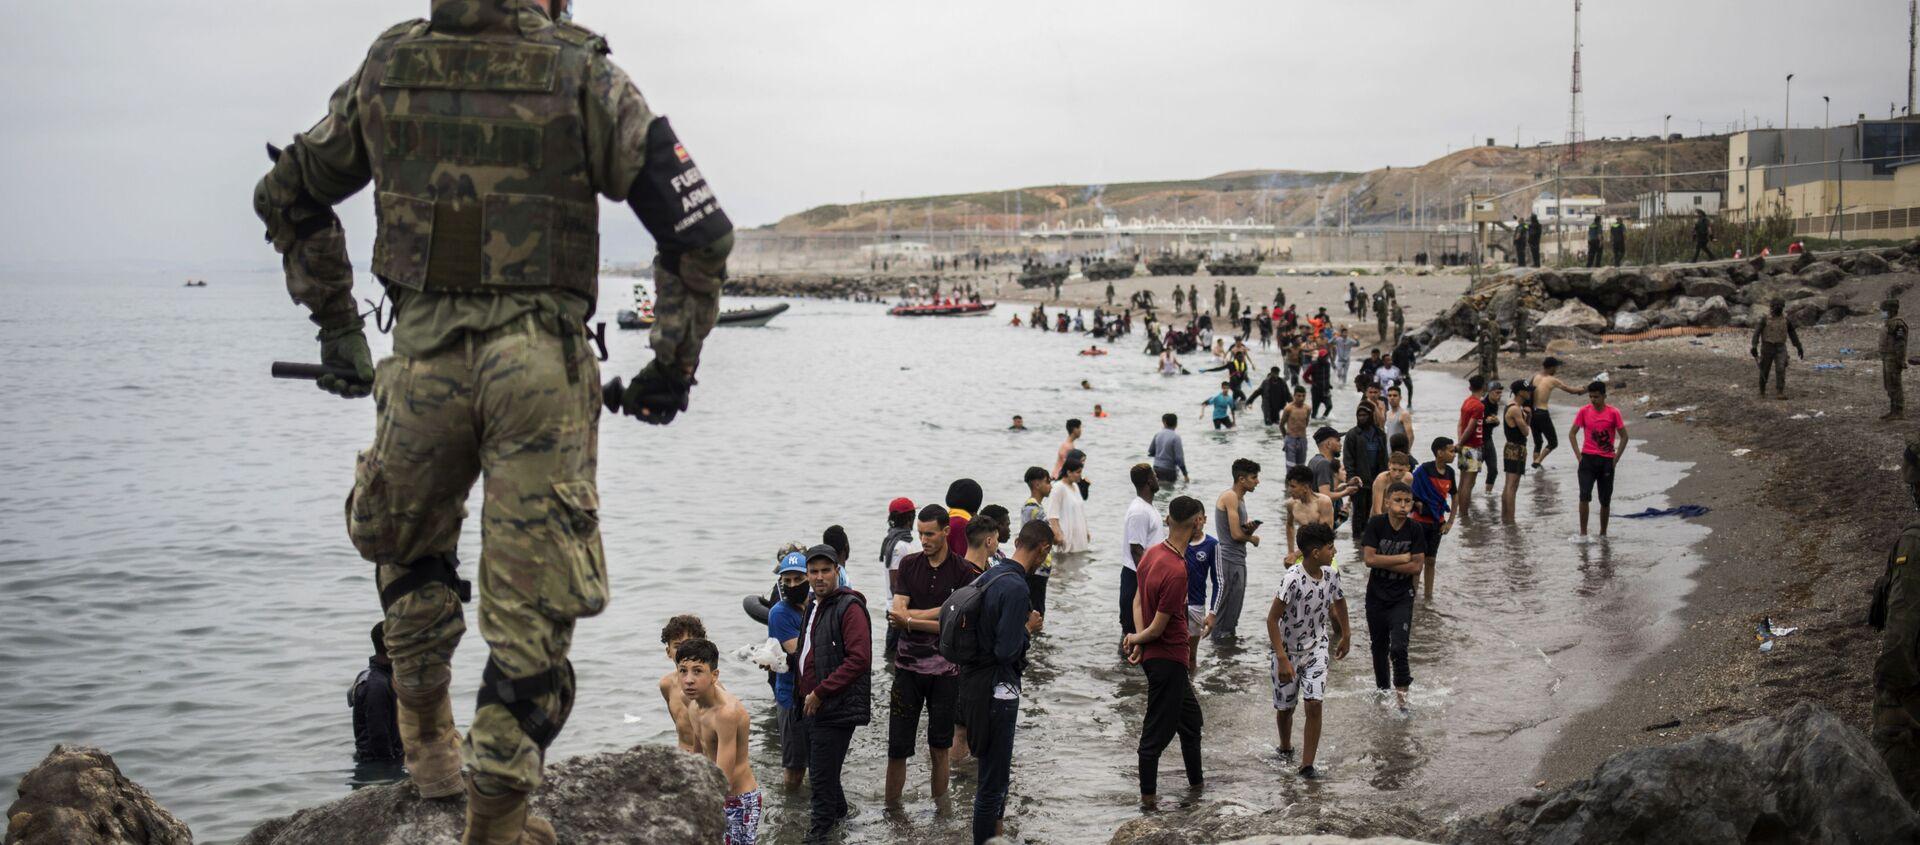 Situation à Ceuta, où des milliers de migrants ont afflué lundi dans l'enclave espagnole depuis le Maroc, le 18 mai 2021 - Sputnik France, 1920, 18.05.2021